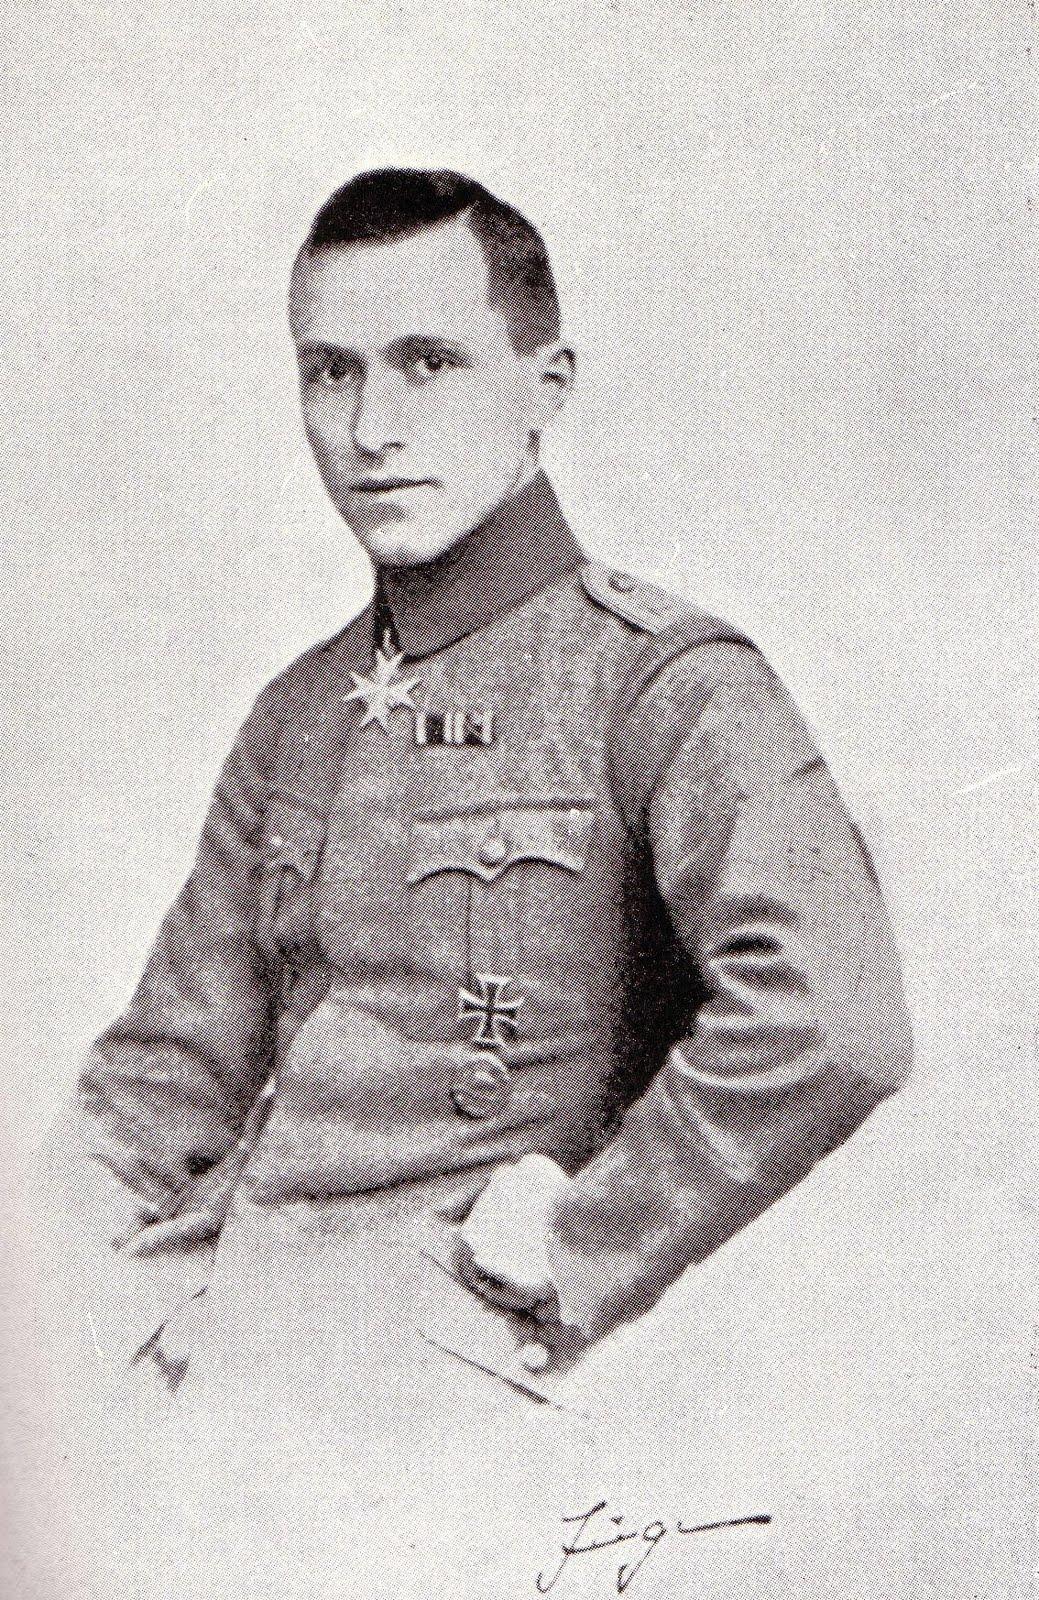 Ernst Jünger de uniforme.JPG